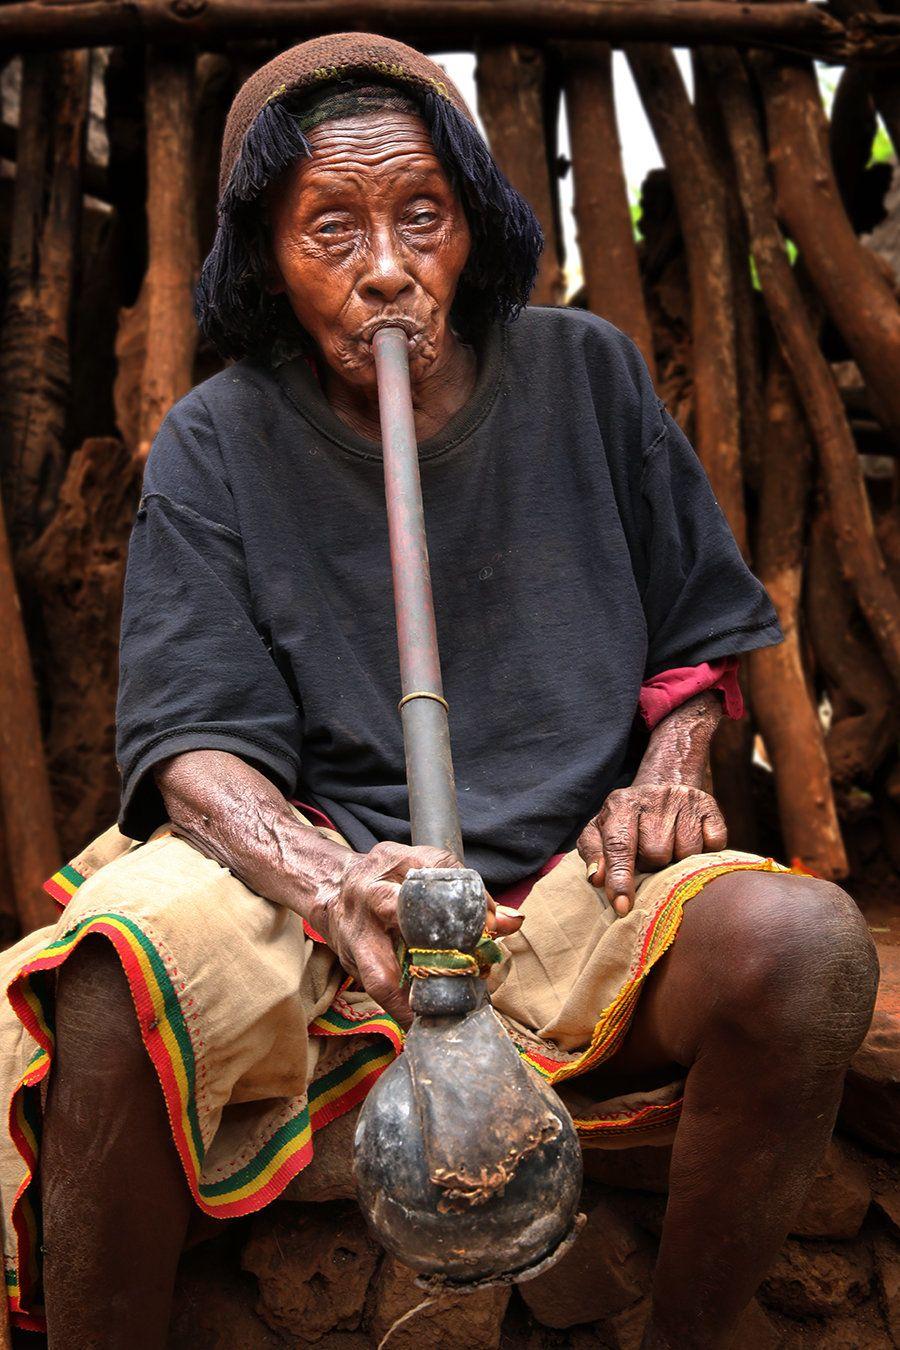 Gesergyo, Konso woreda, Ethiopia